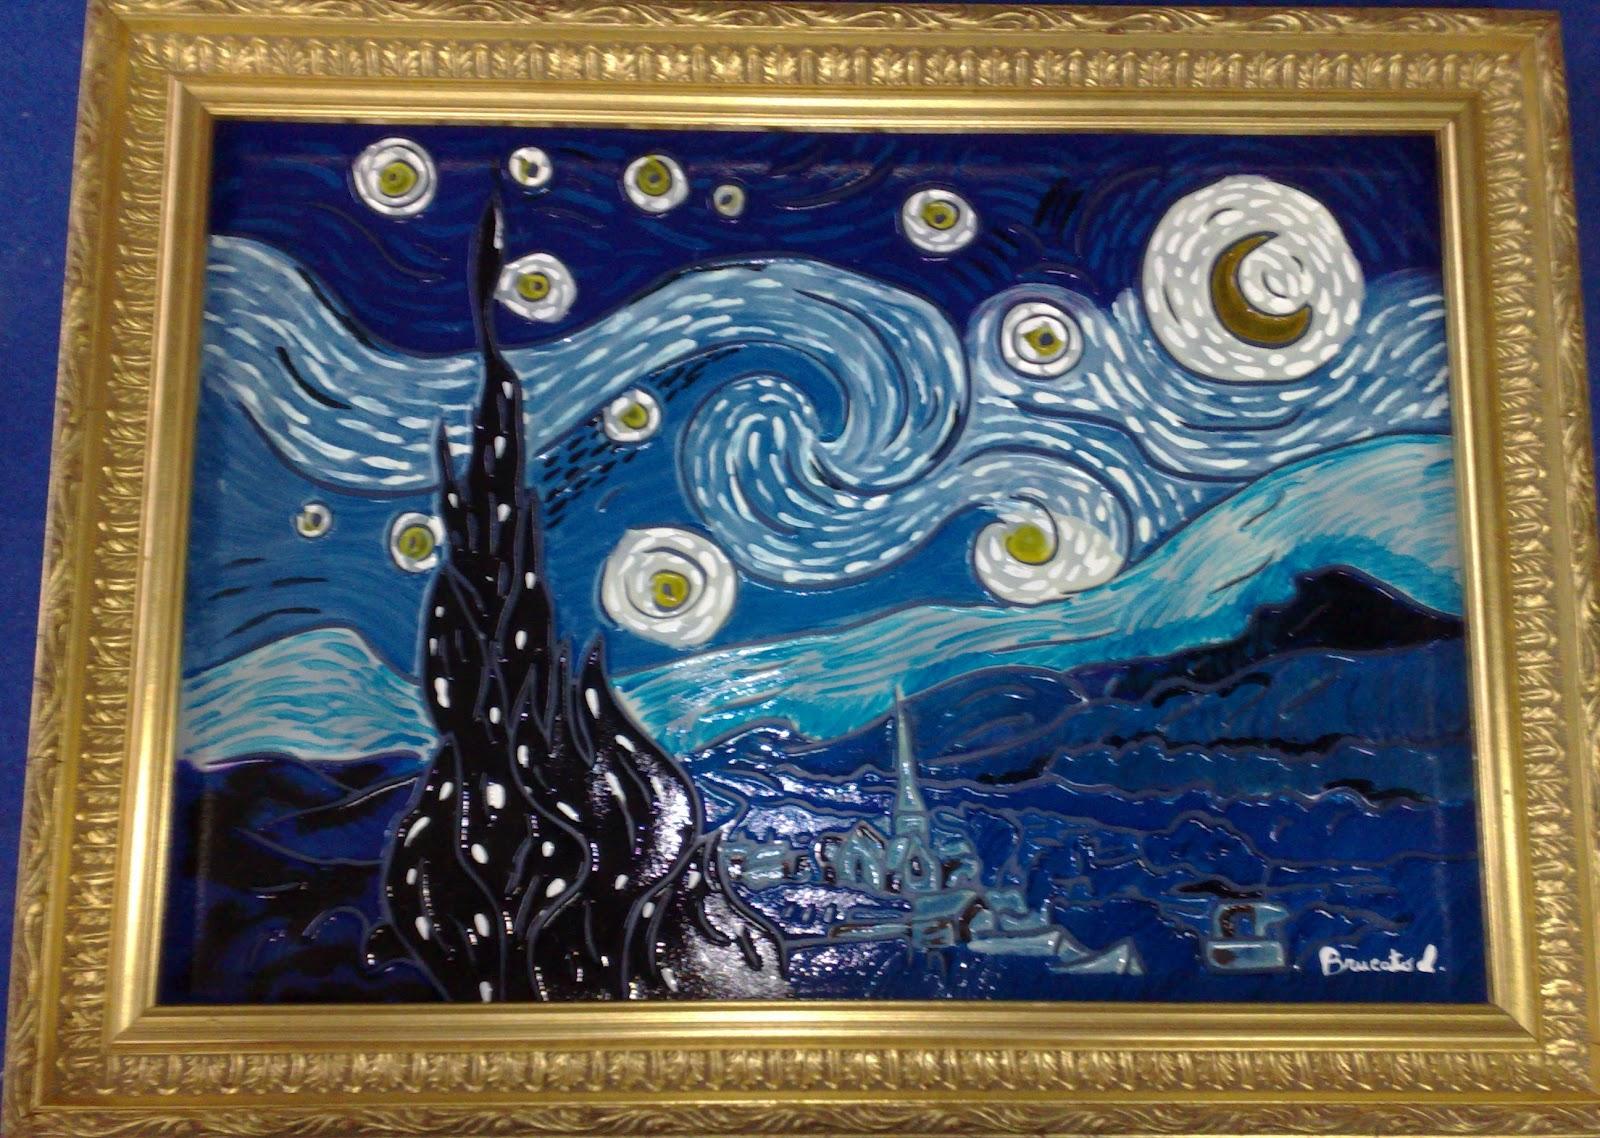 Trasparenze in luci colorate notte stellata di van gogh for La notte stellata vincent van gogh